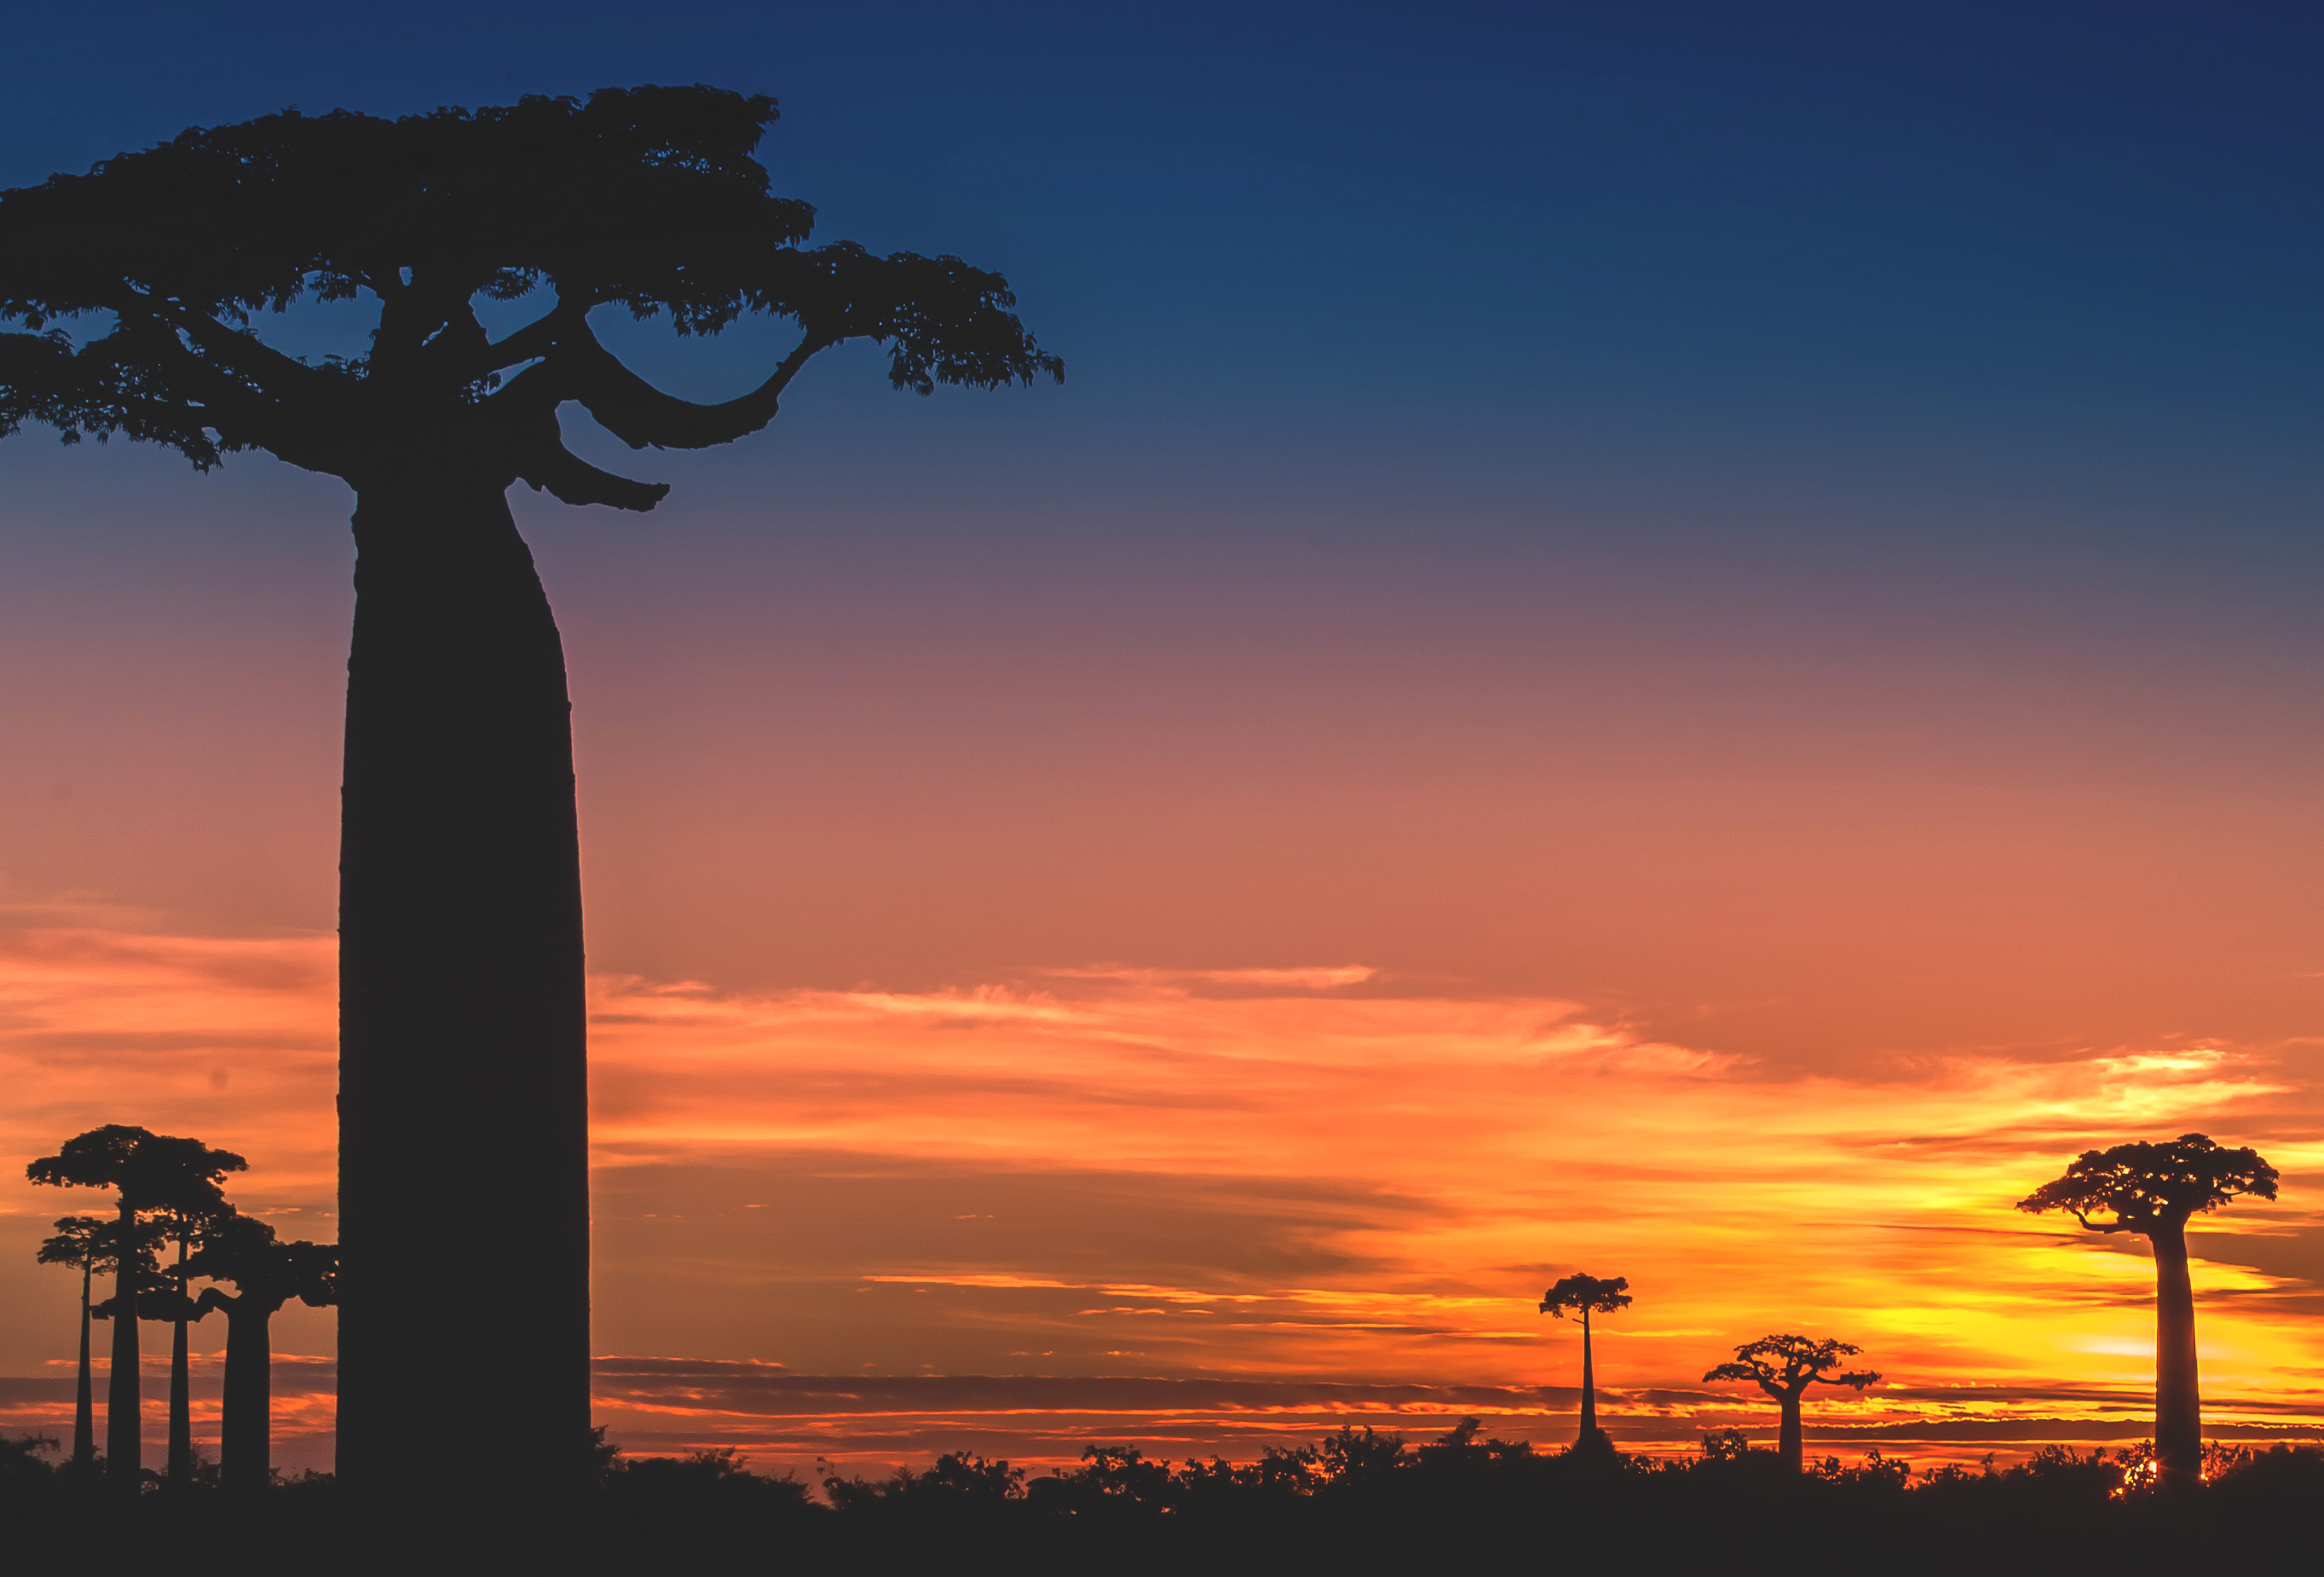 pulpa ecologica de baobab